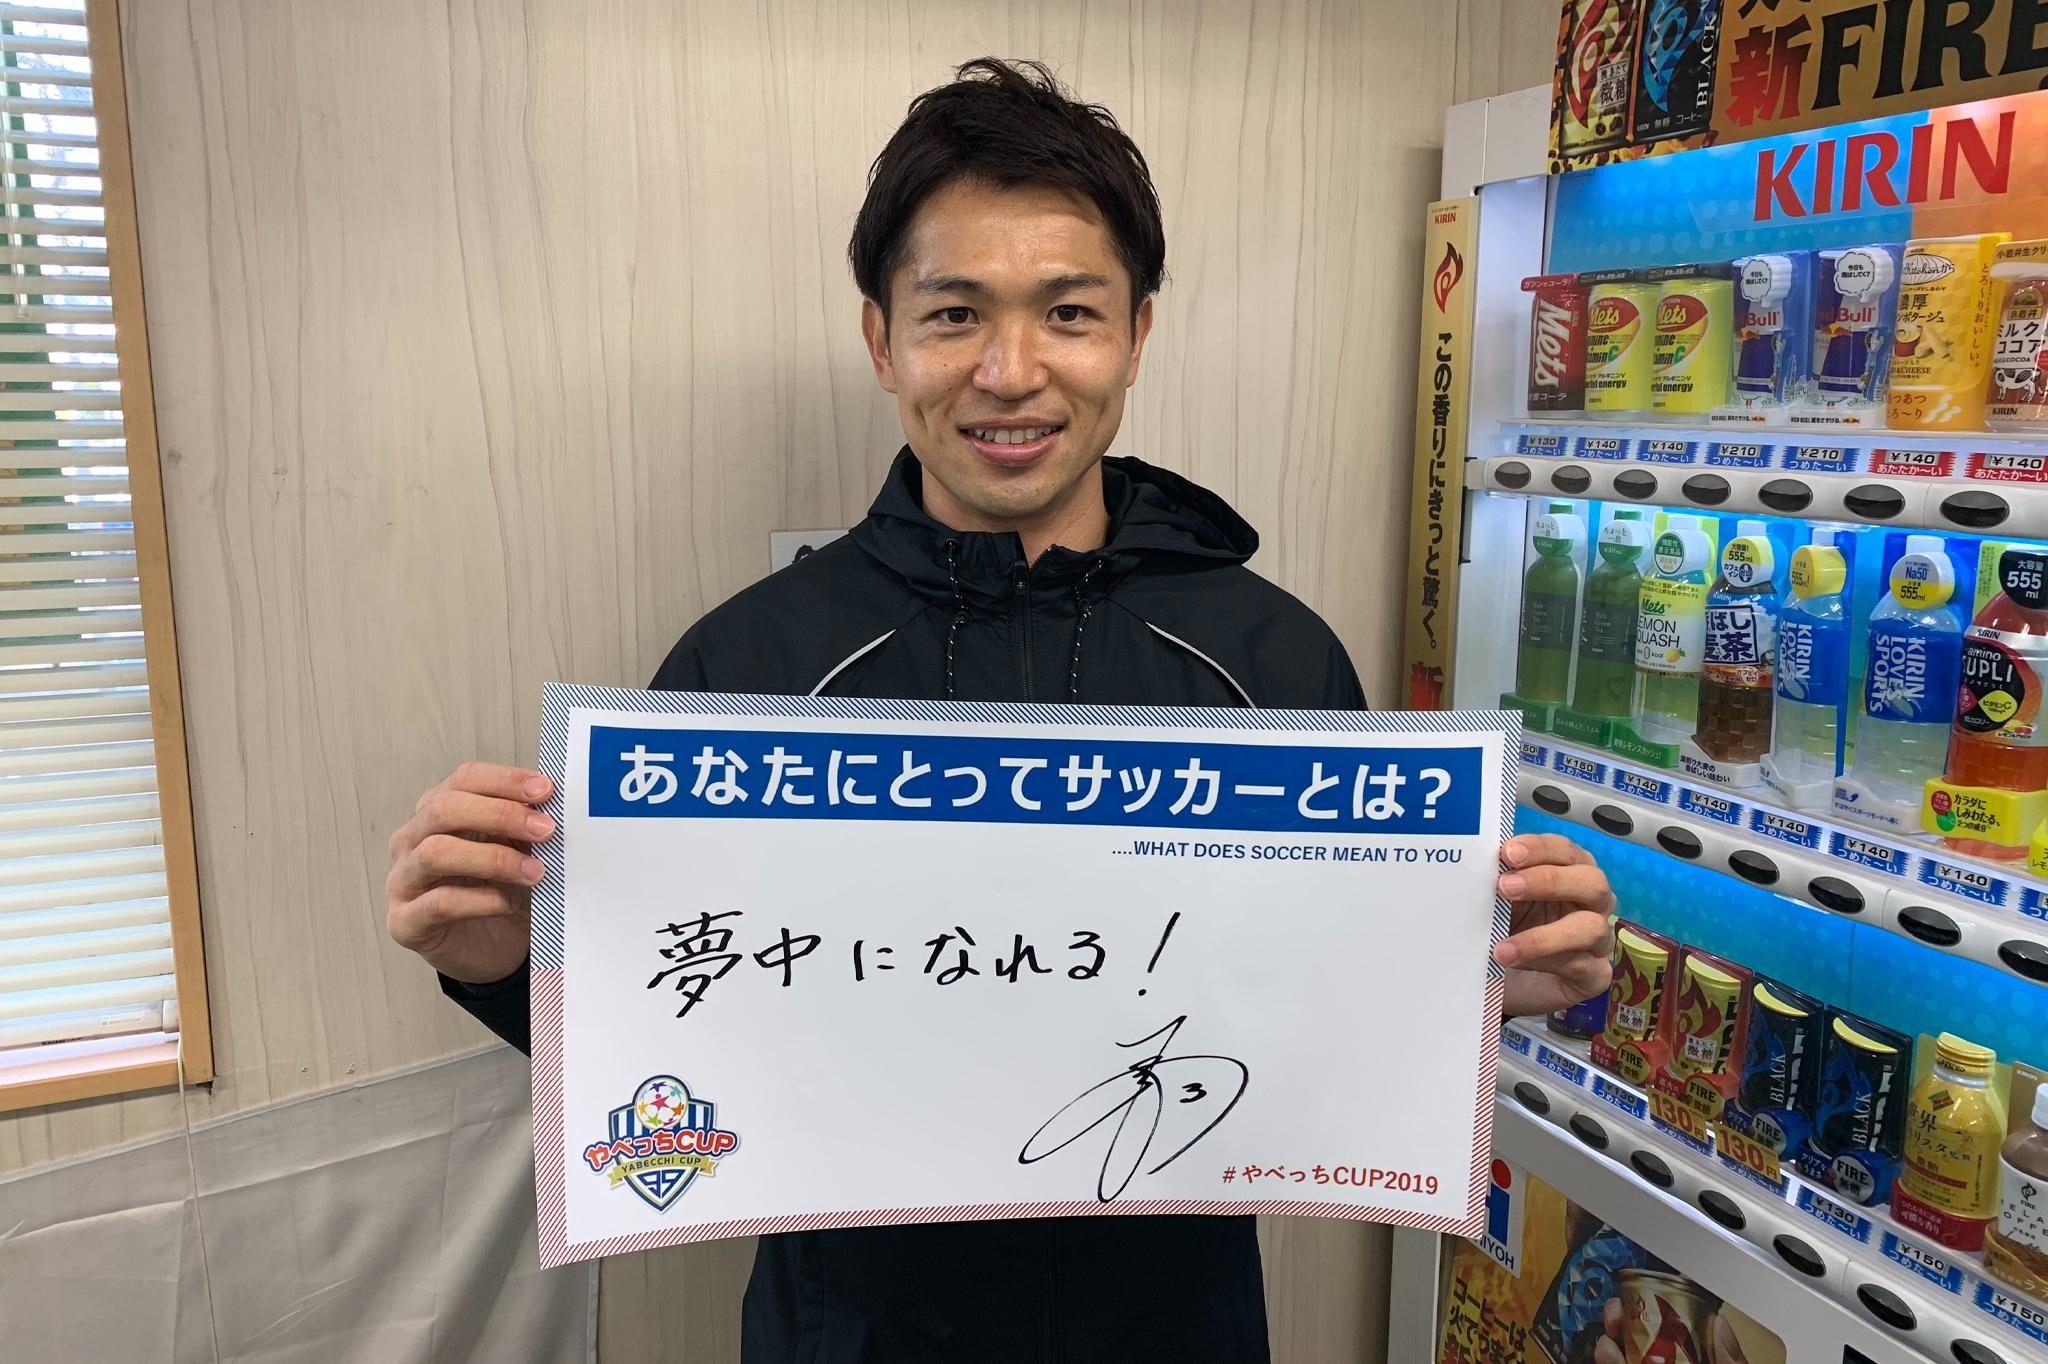 12月15日(日) 森重真人選手